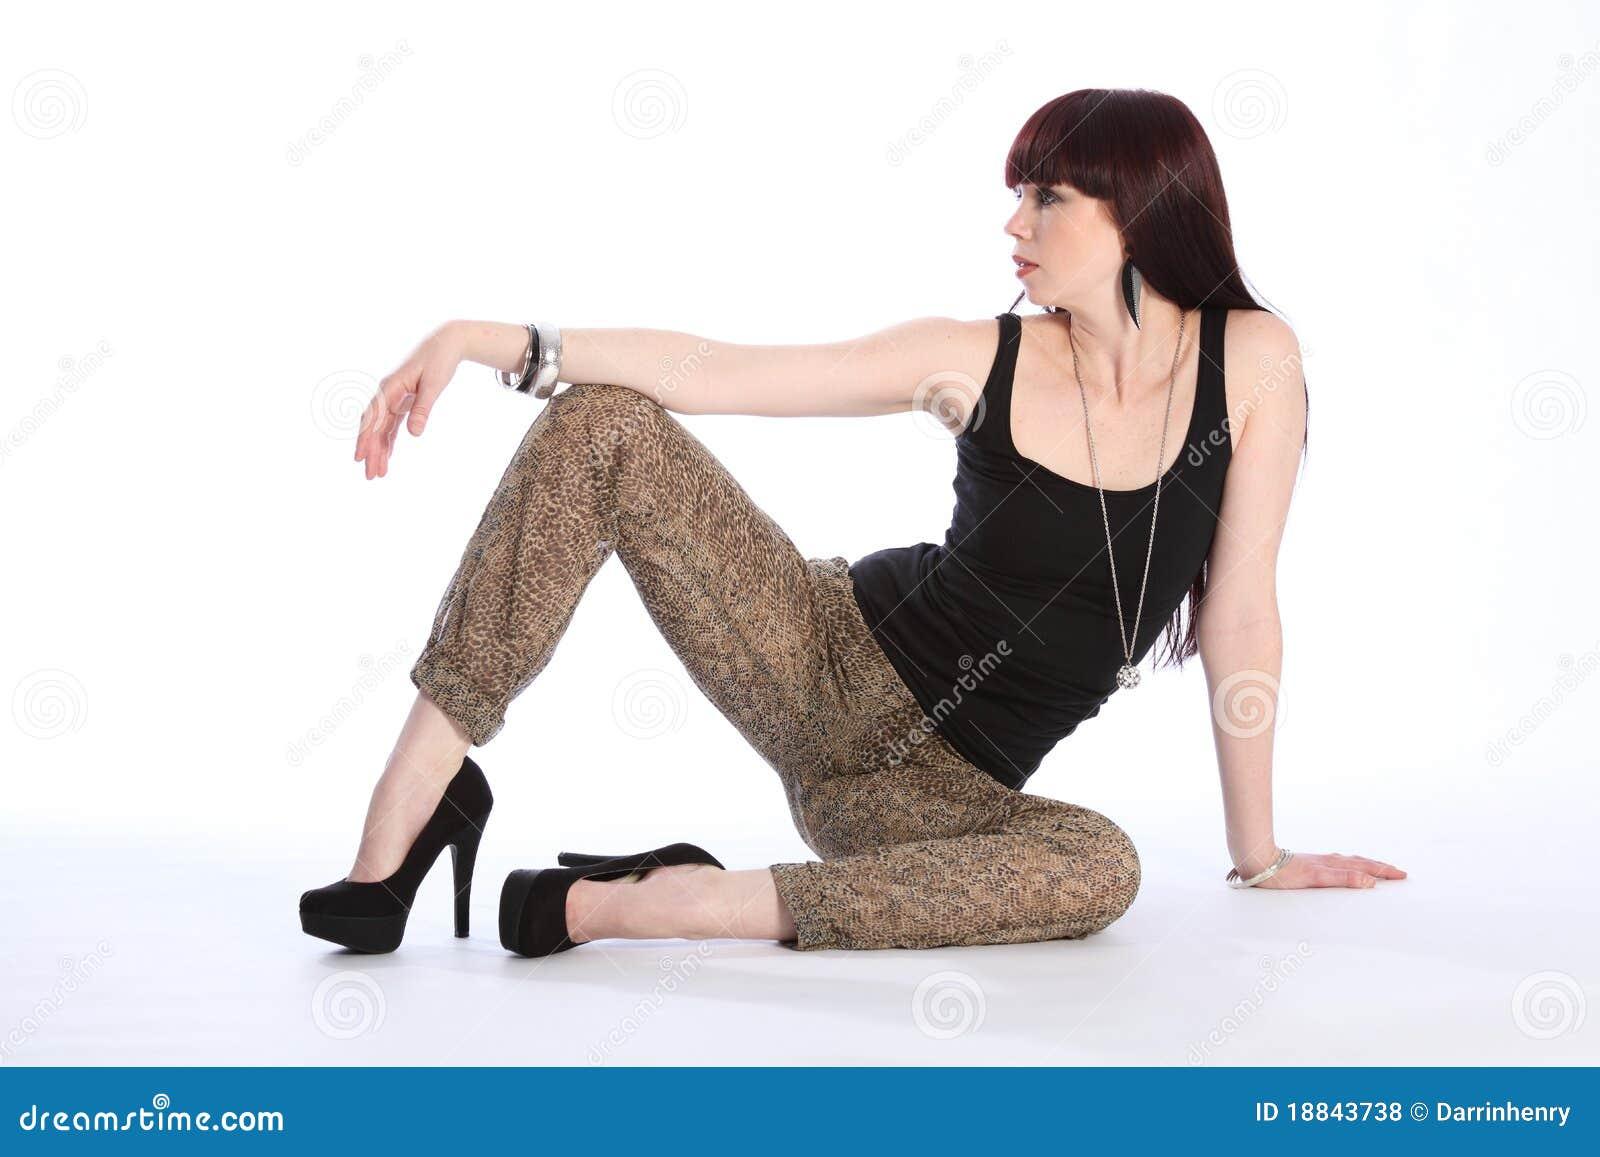 Långbent model sexig sitting för modegolv